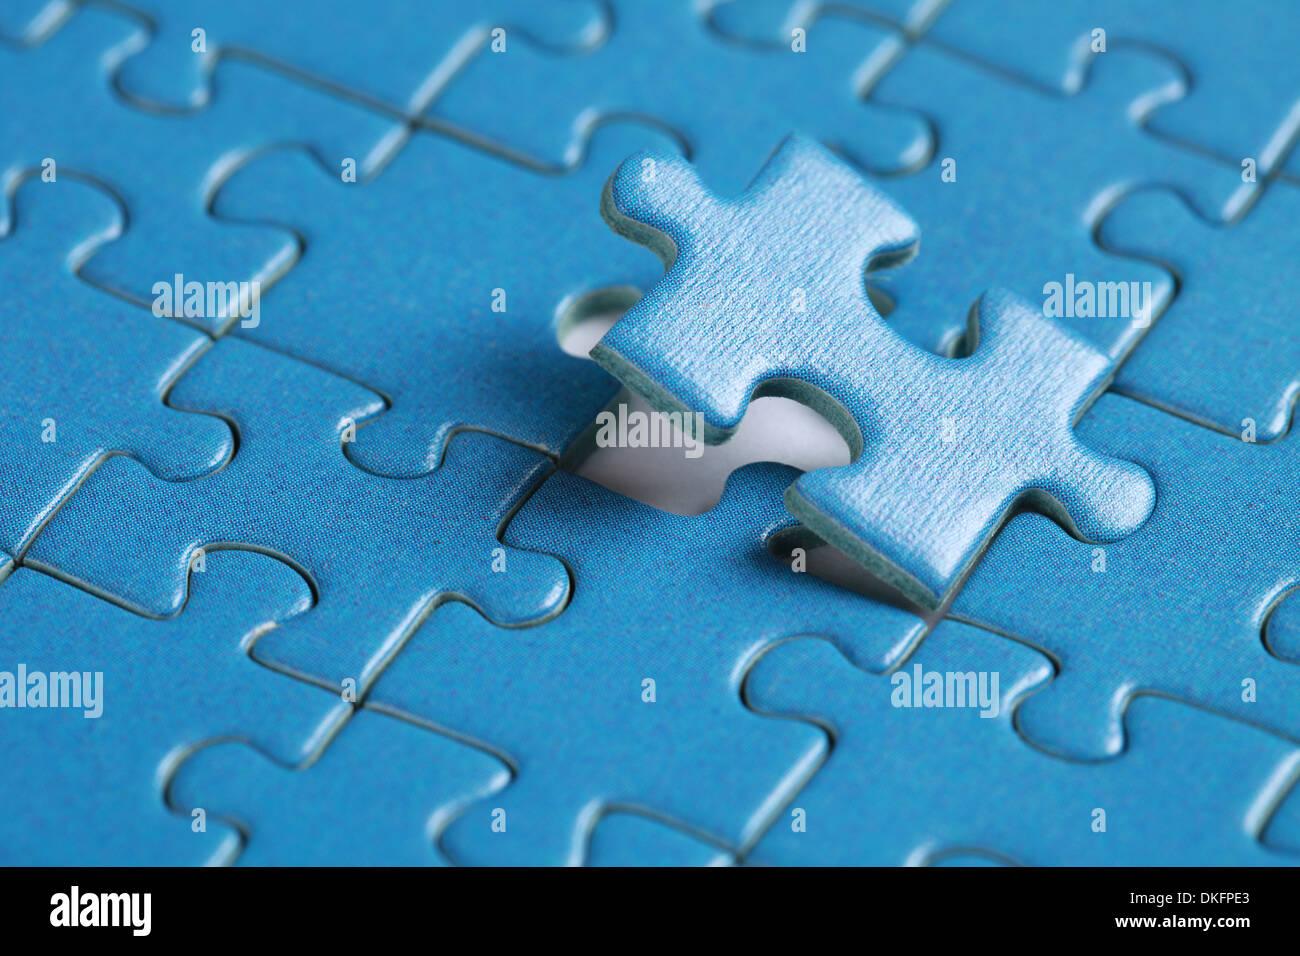 La pieza final del rompecabezas tema de solución de problemas Imagen De Stock